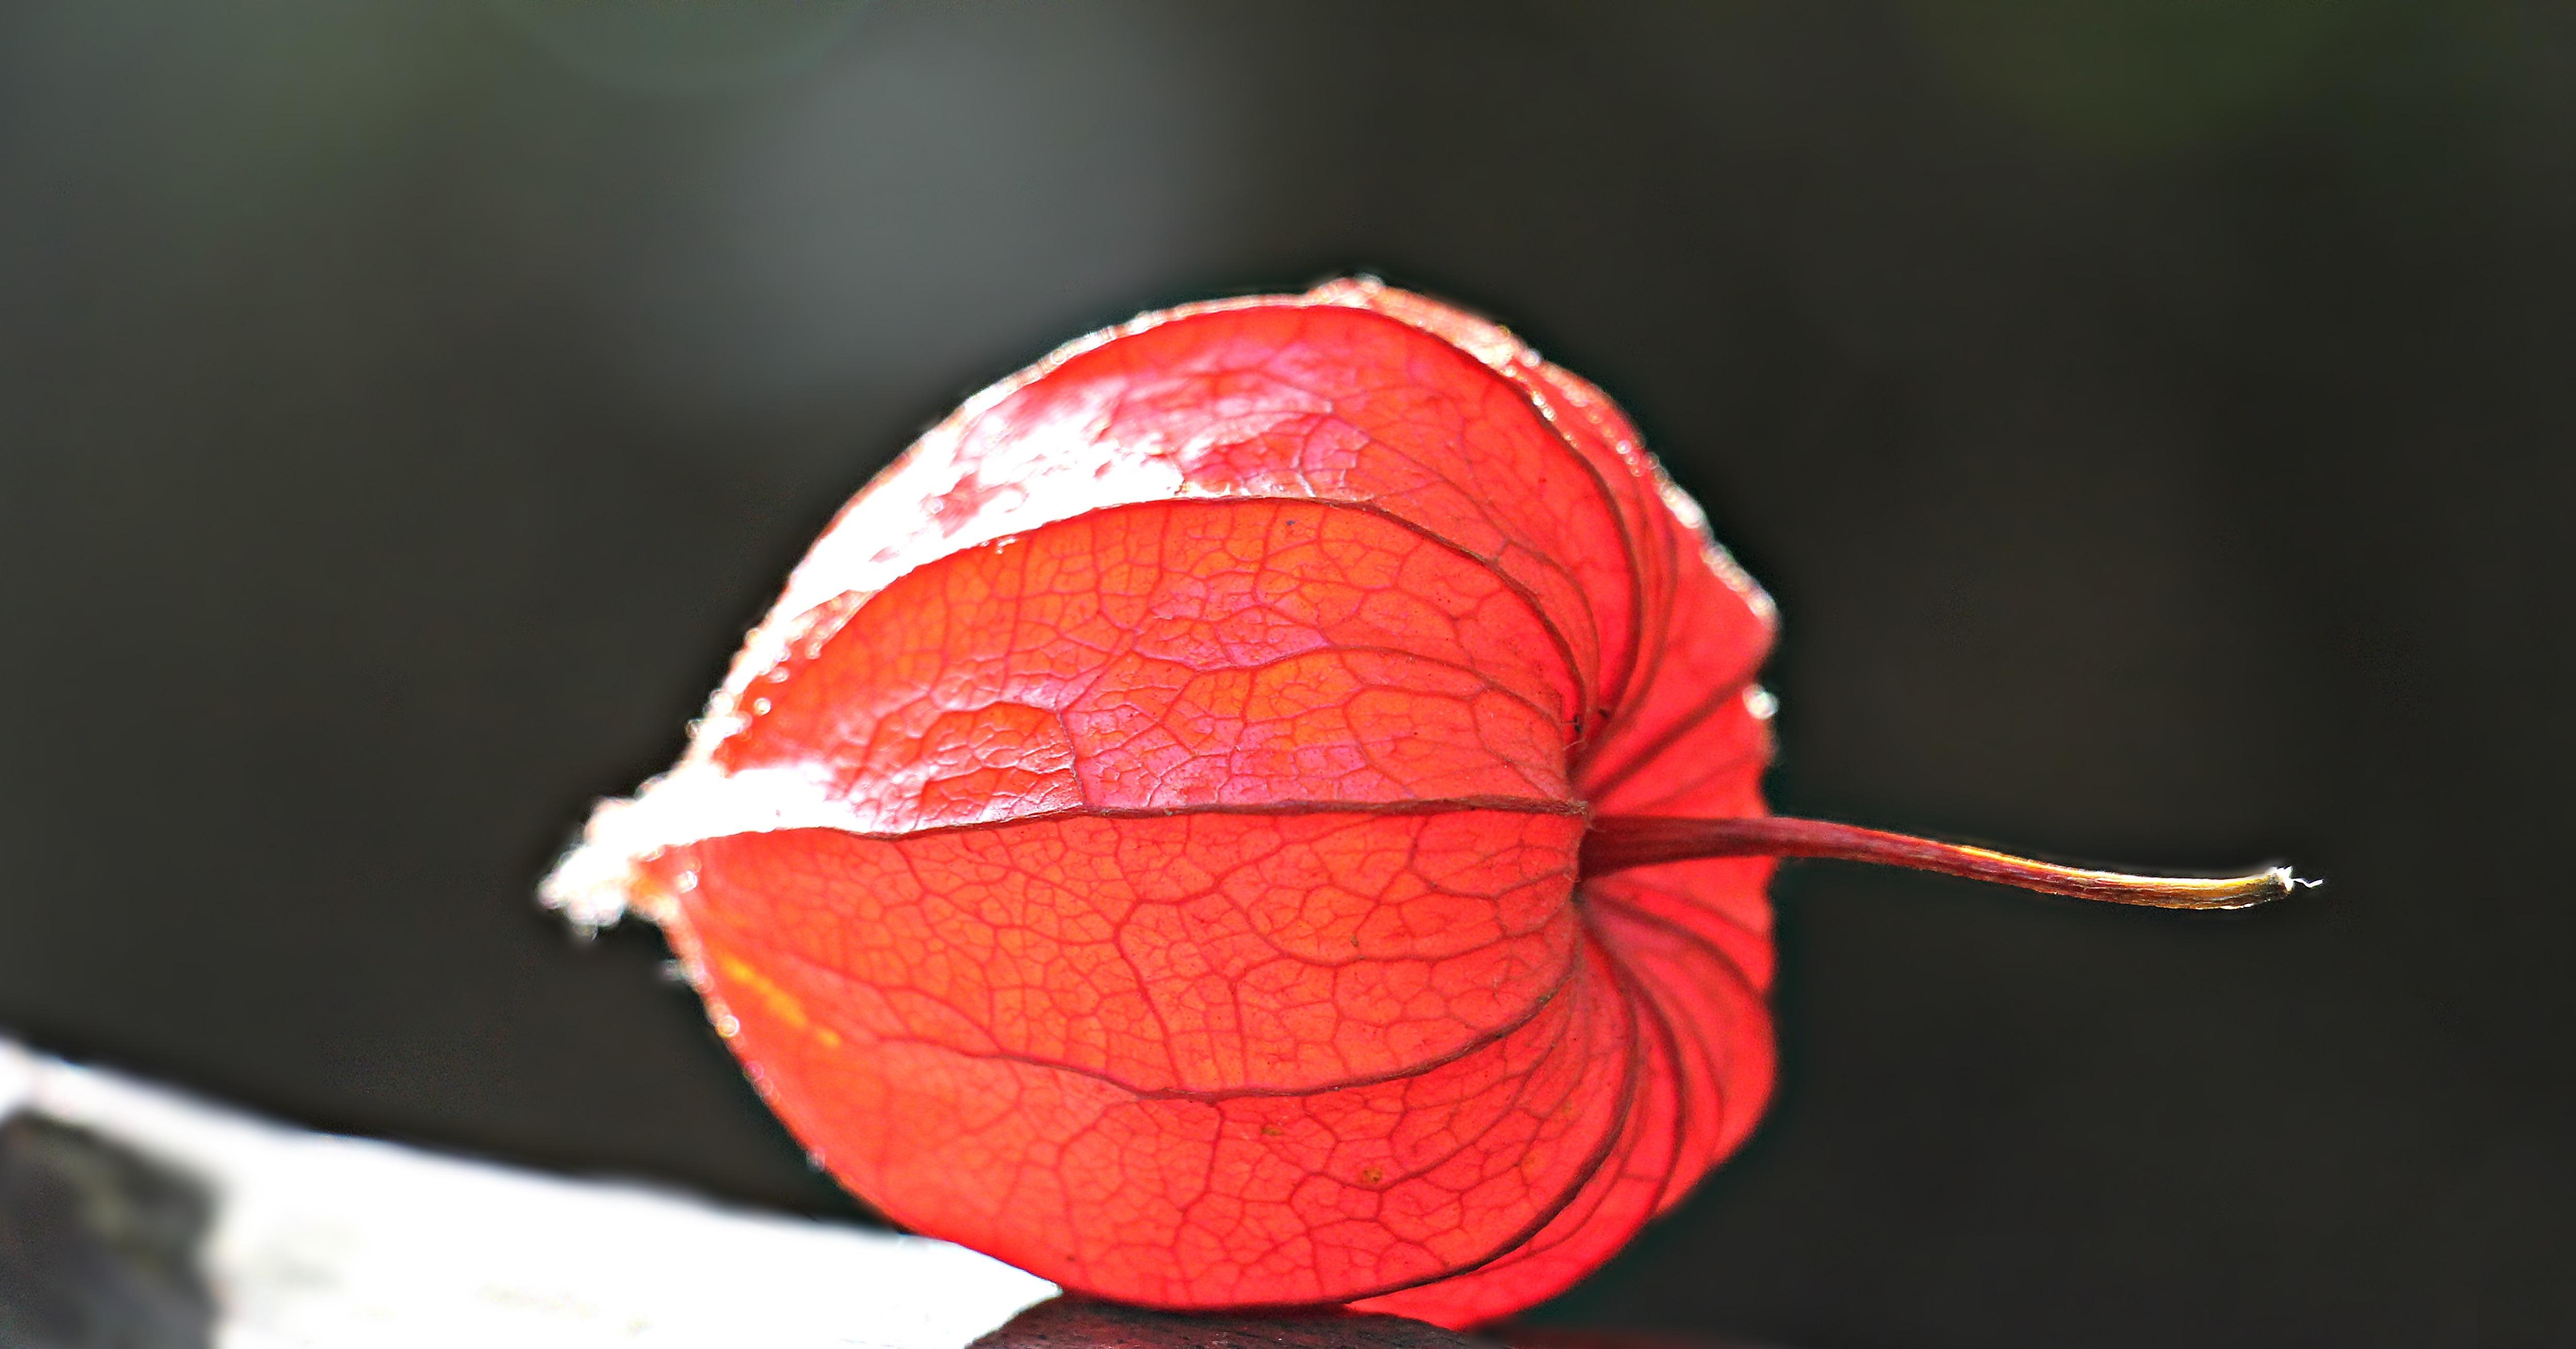 Fotos gratis : naturaleza, fotografía, luz de sol, hoja, flor ...